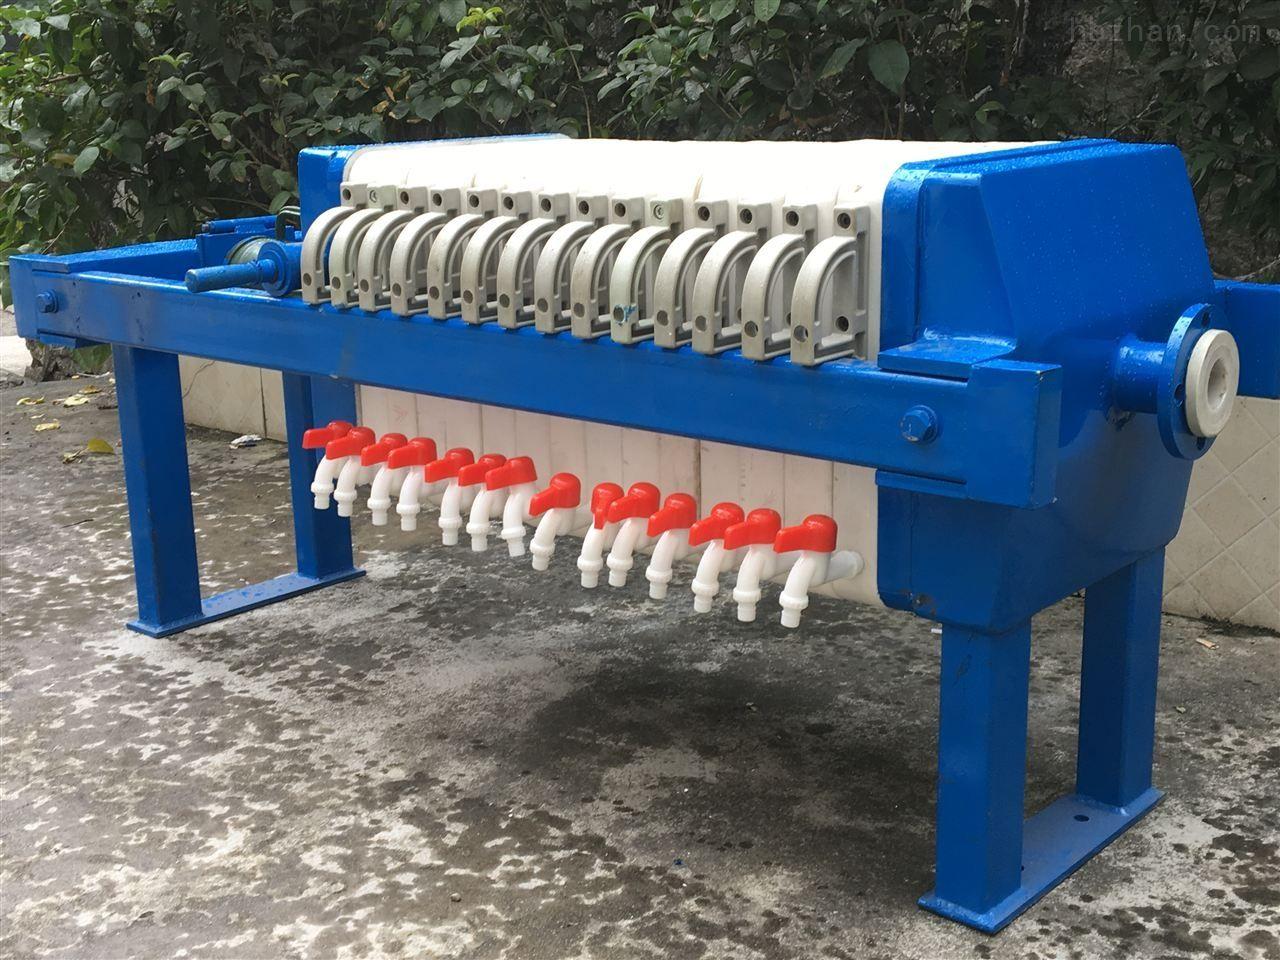 松原/白城污泥压滤机的制造优点是什么?